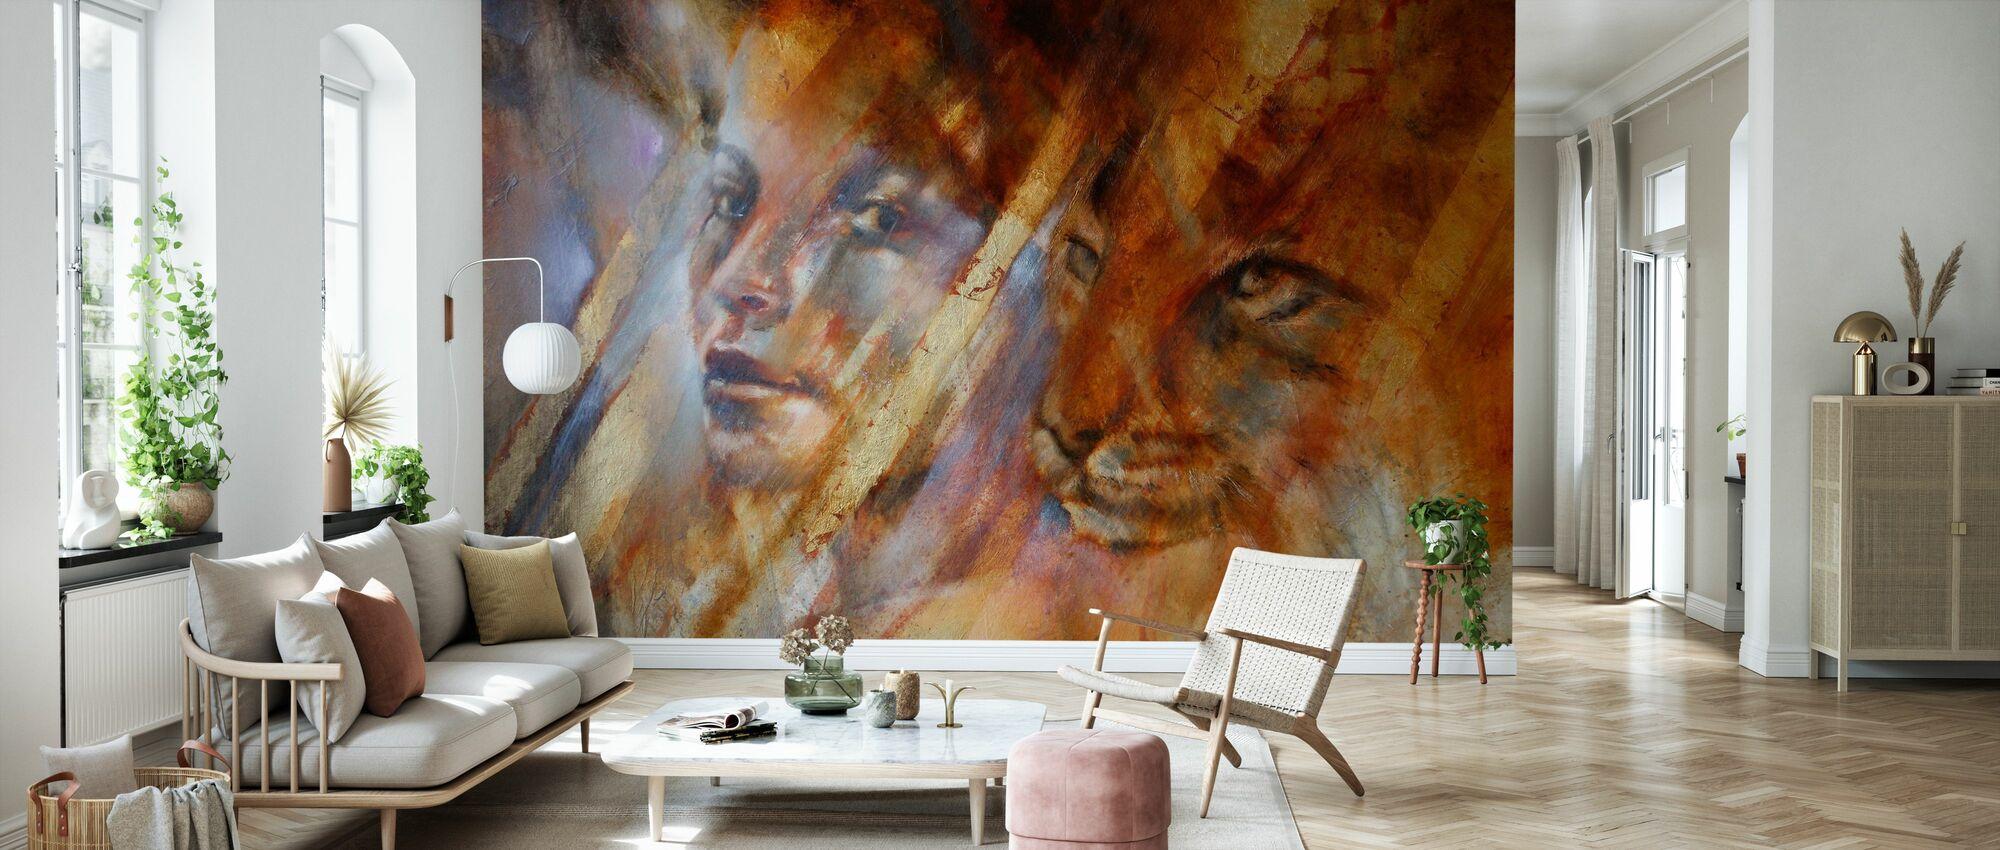 Cats - Wallpaper - Living Room